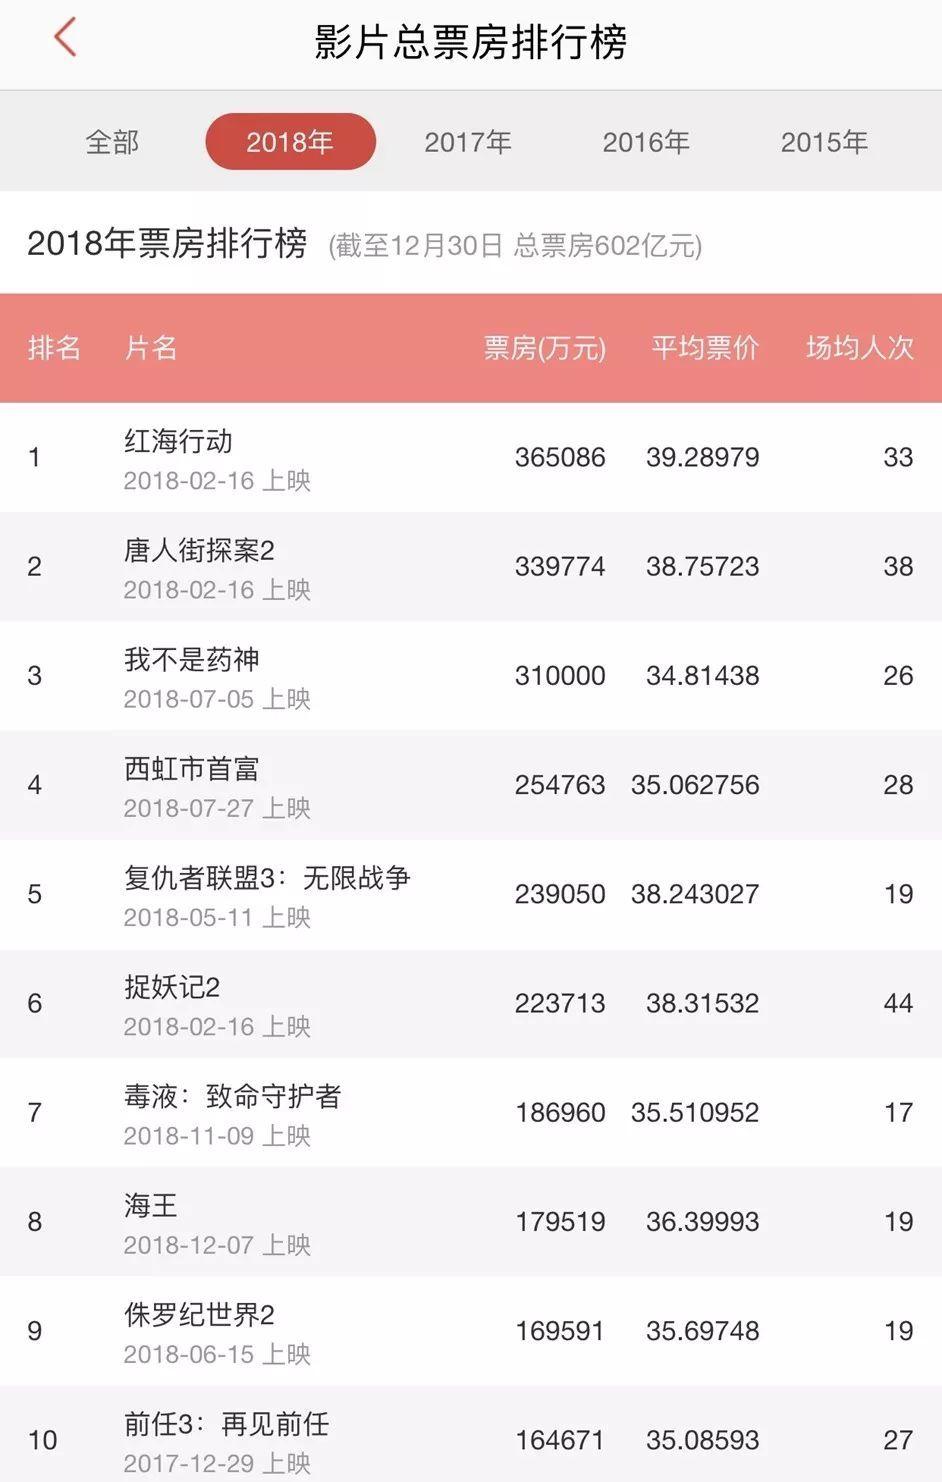 2018年度票房排行榜_2018年中国内地票房排行榜前十出炉 年度总票房创新